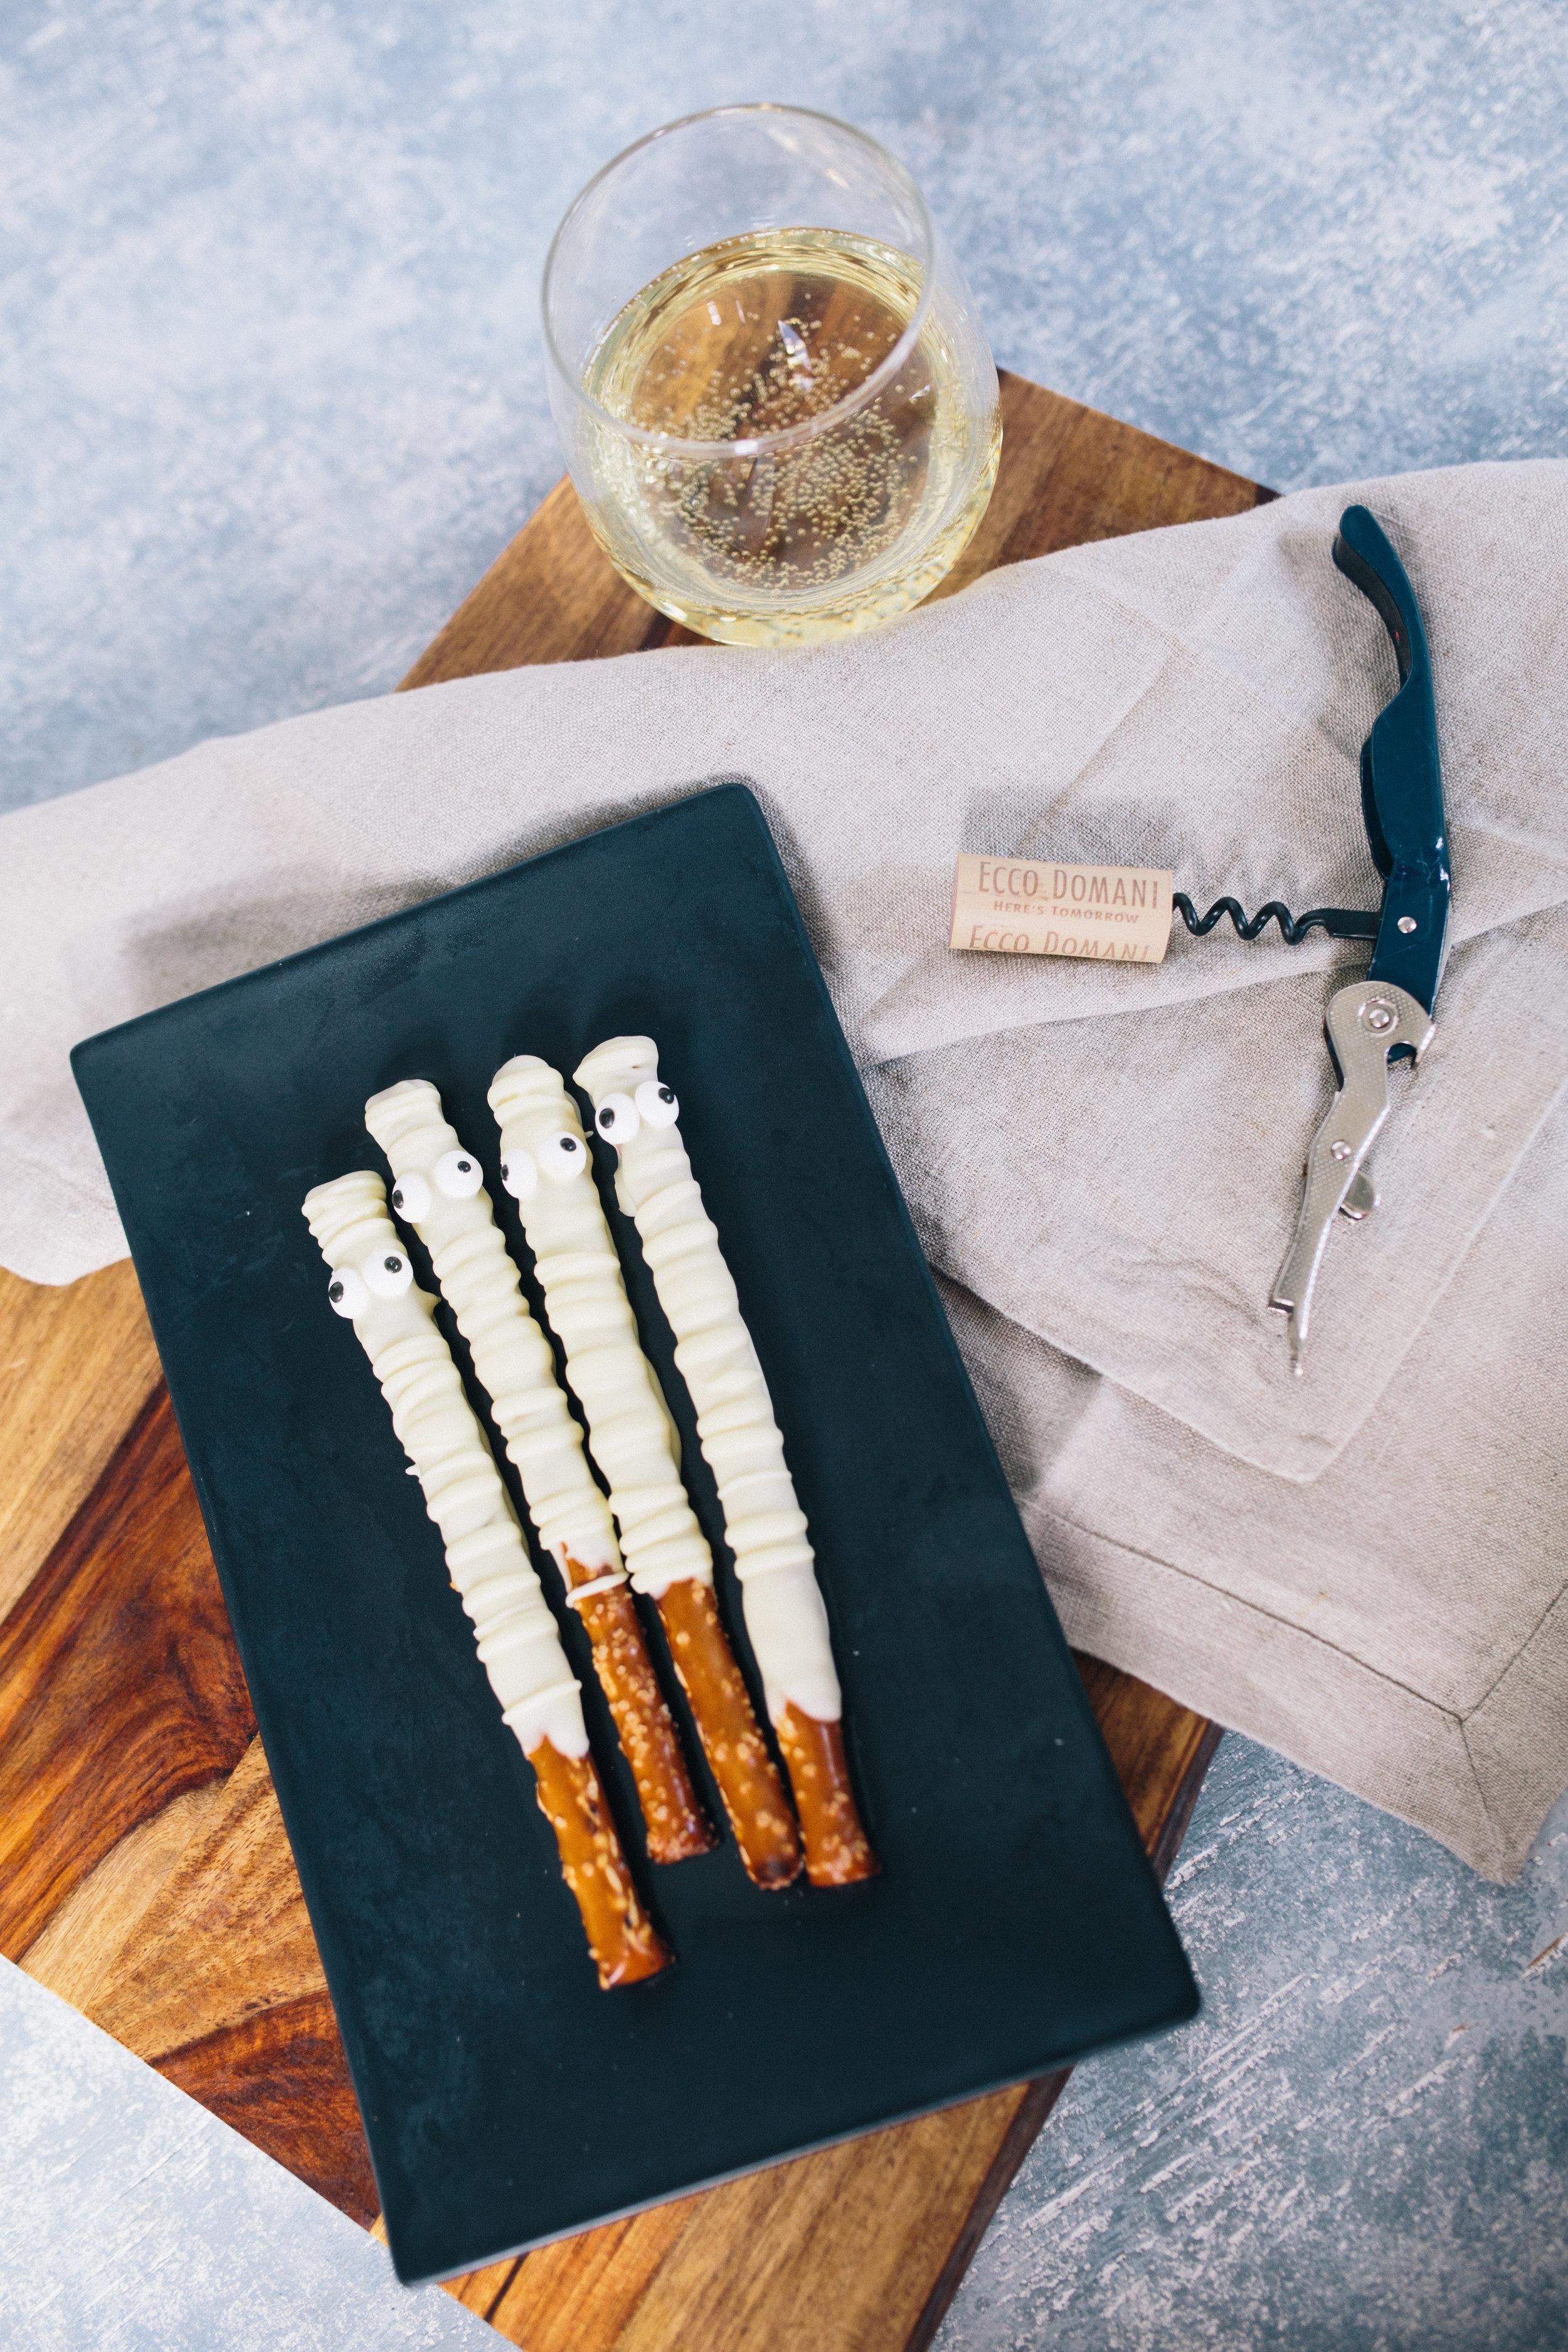 Ecco Domani wine and ghost pretzels